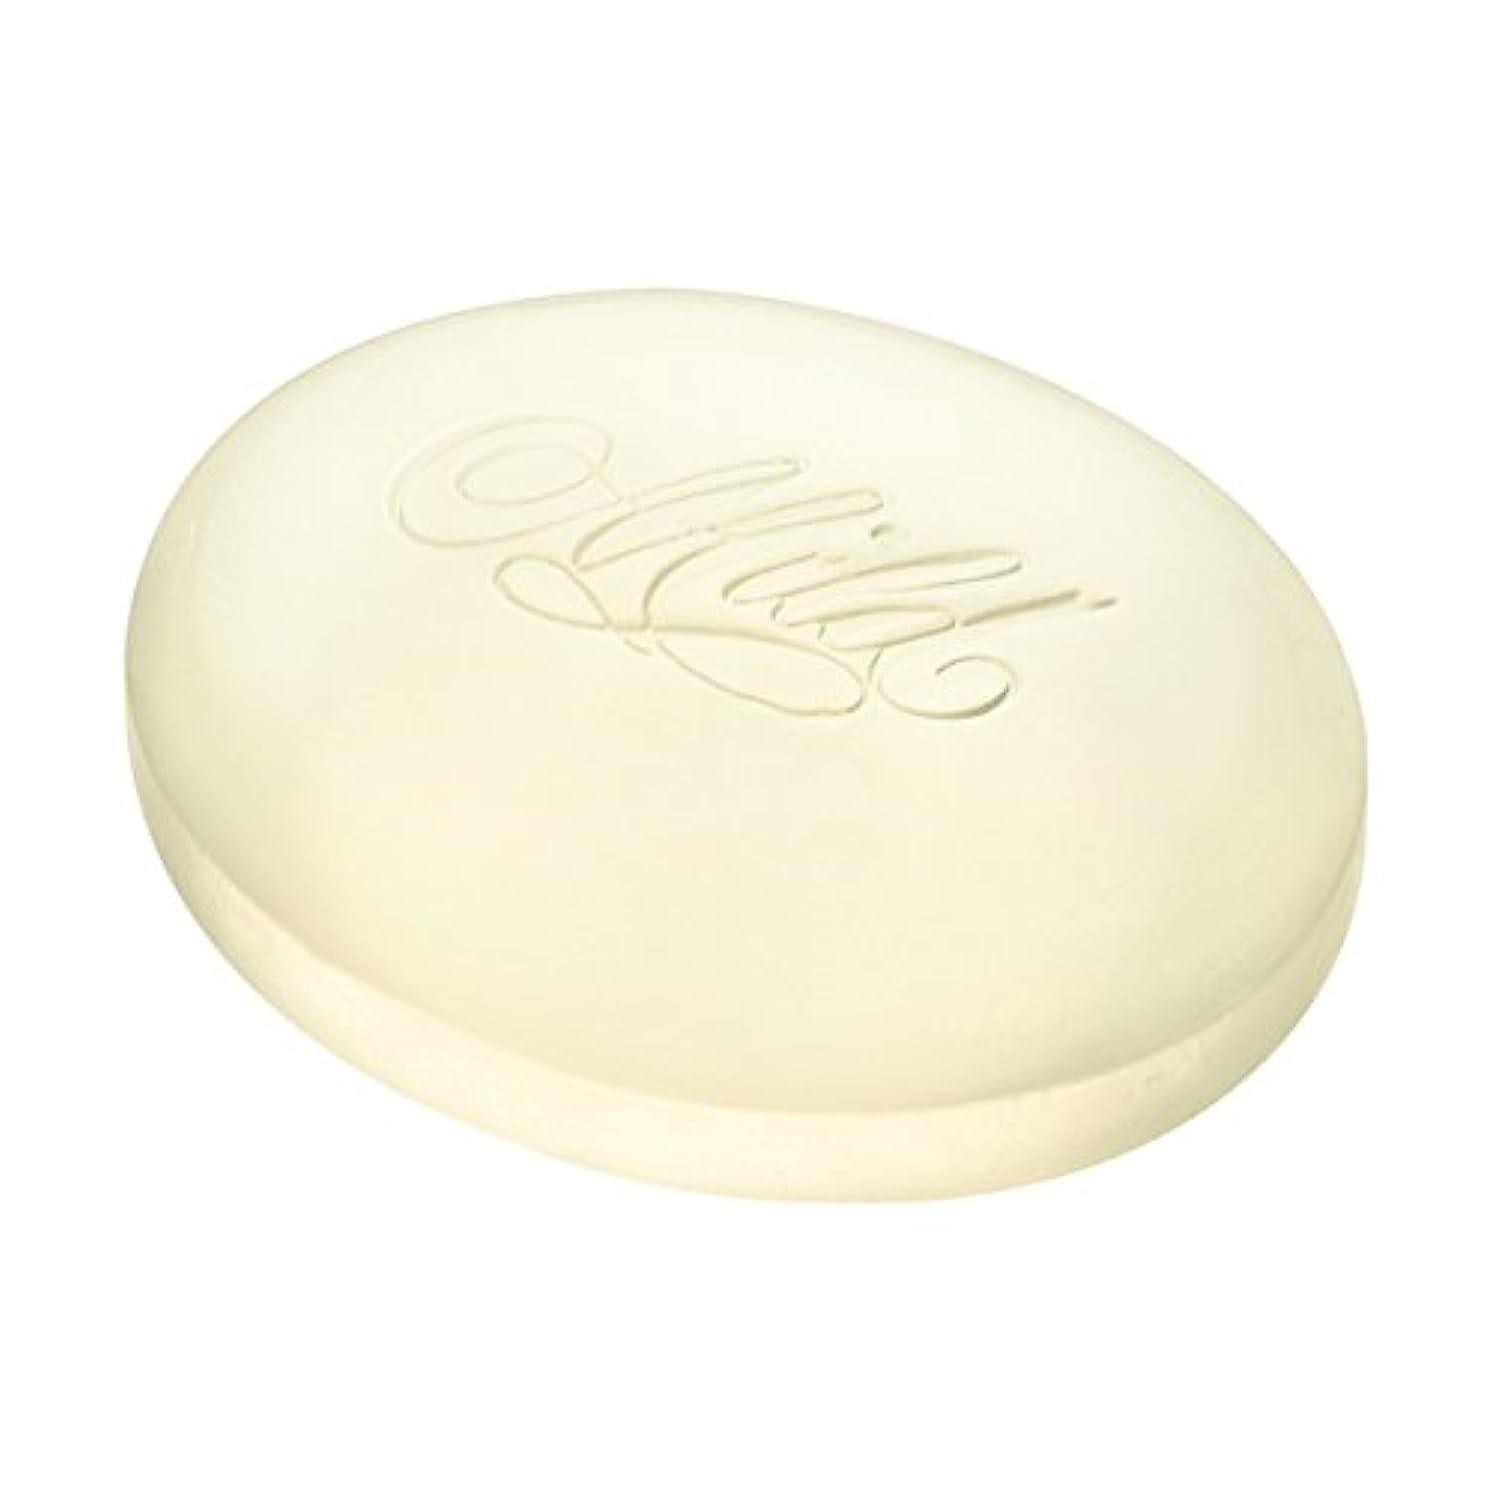 船尾裁判官合成資生堂 マイルドケーキ 標準重量100g